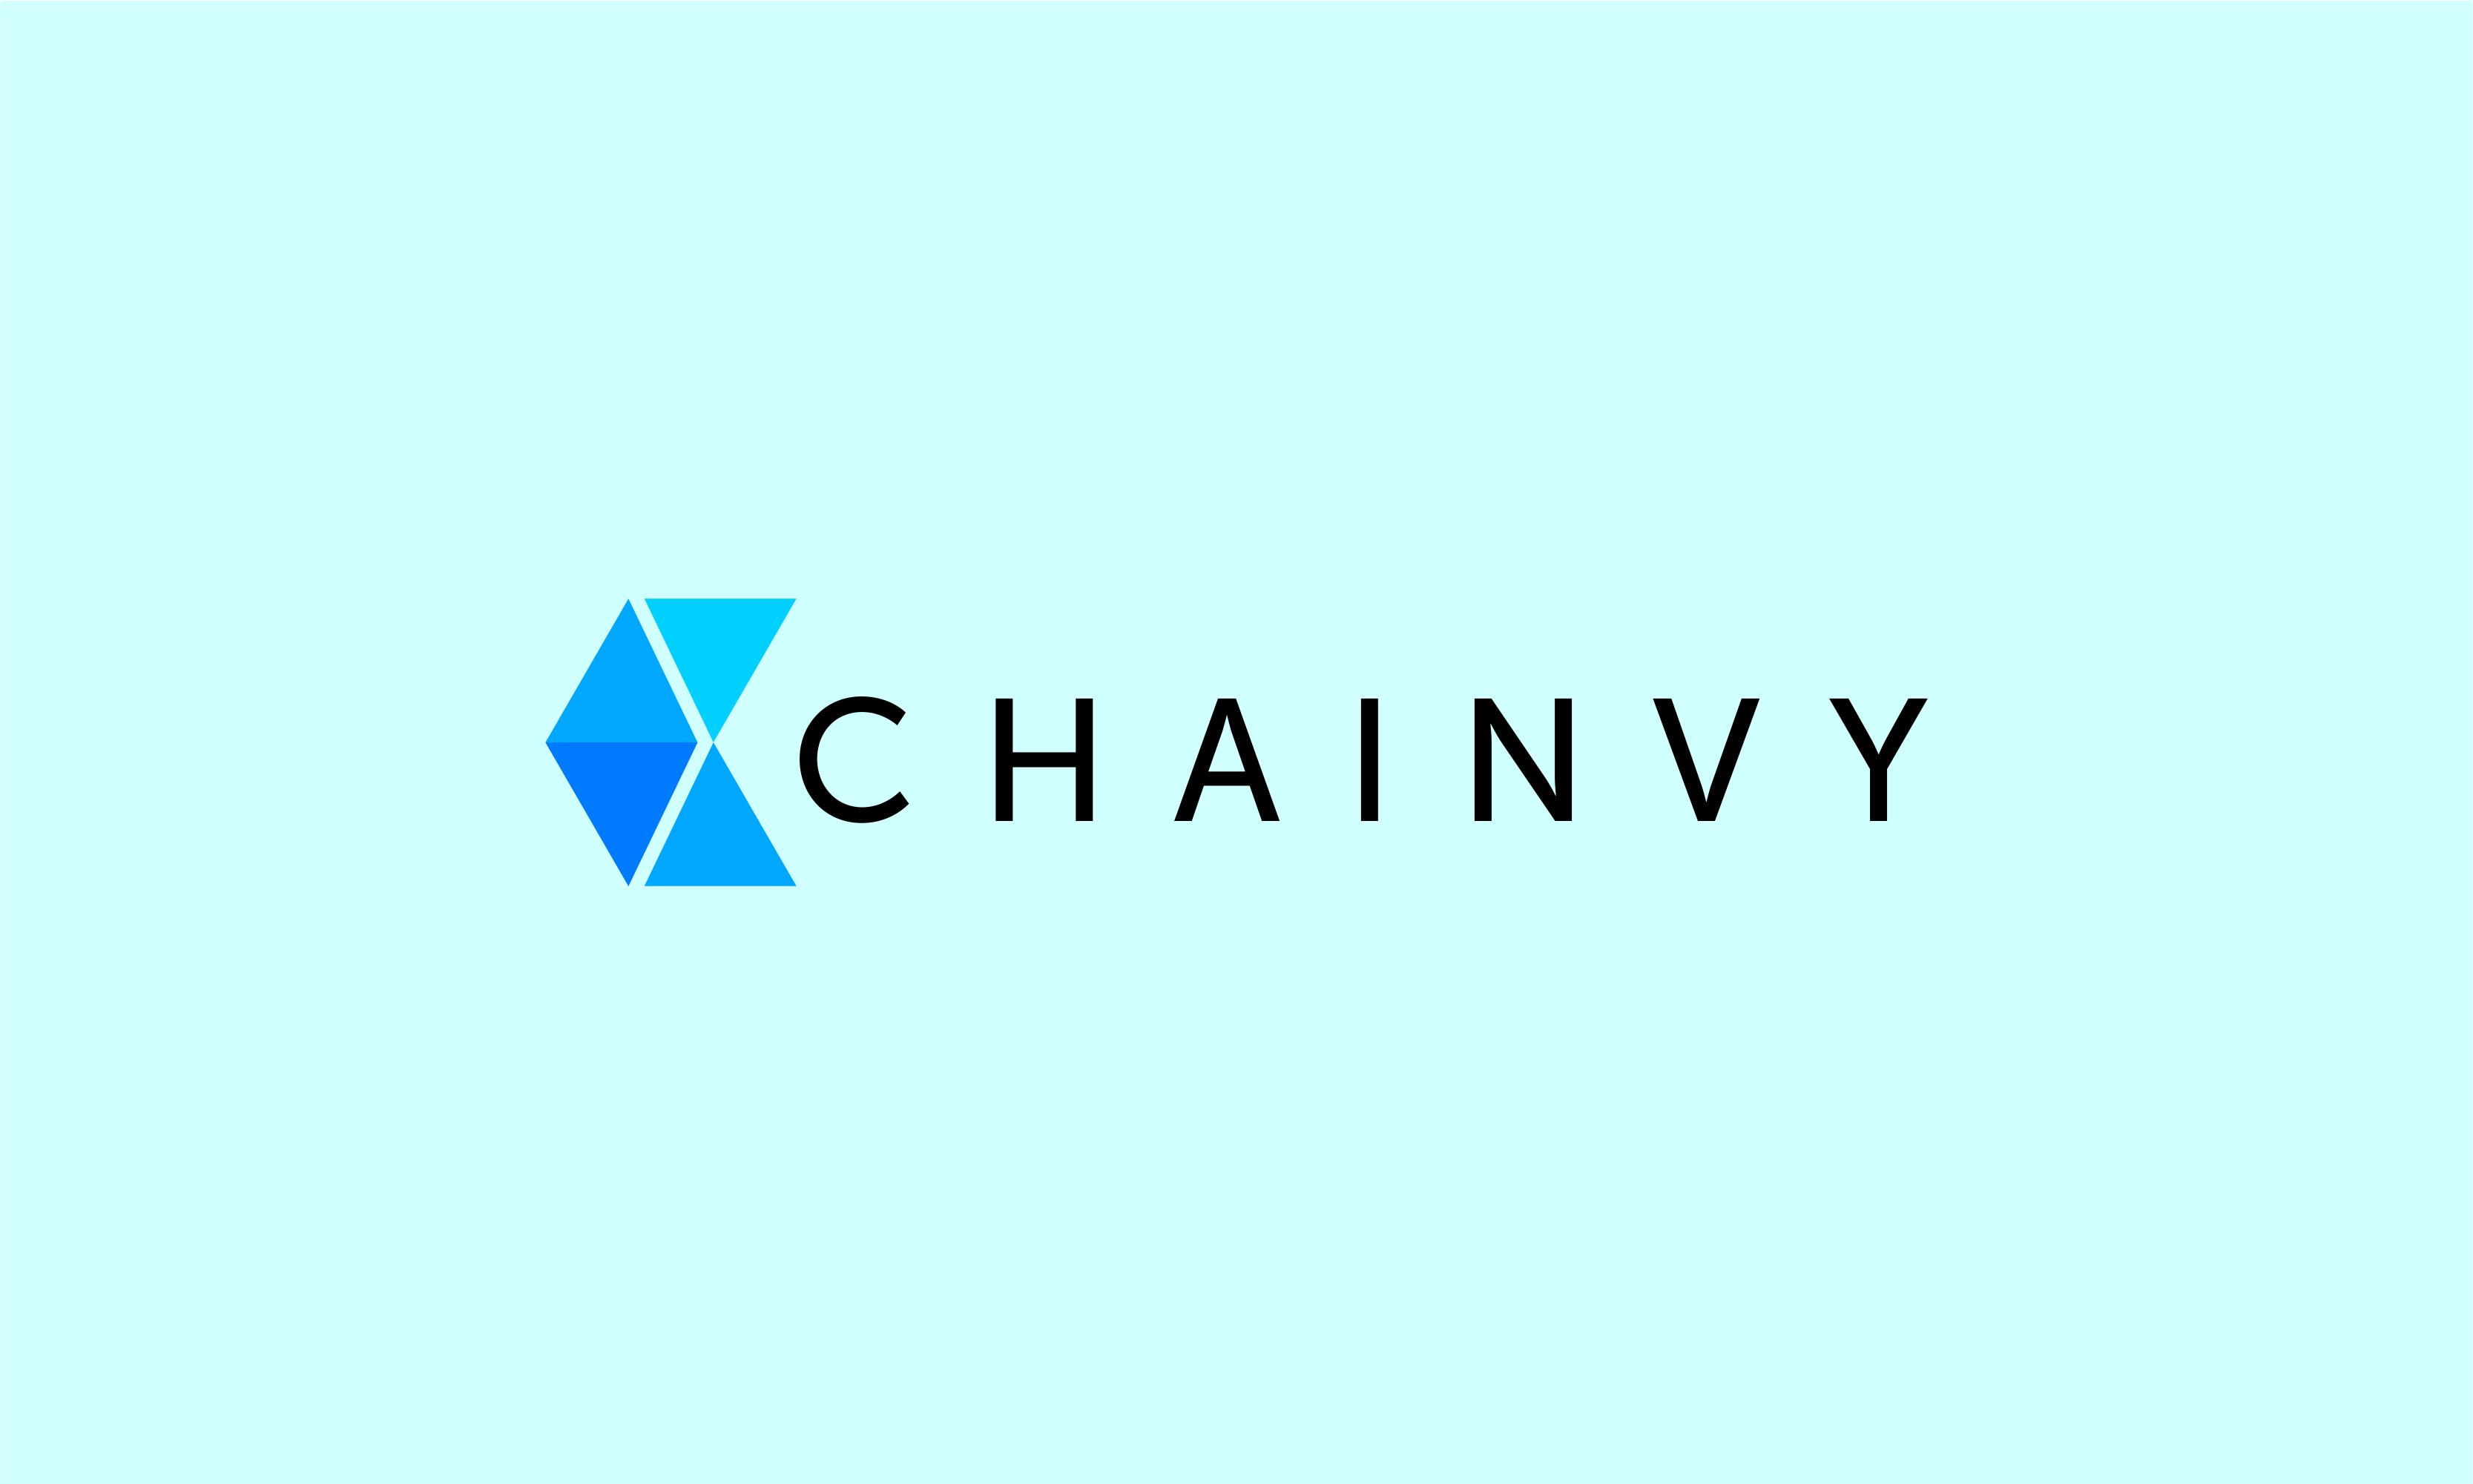 Chainvy